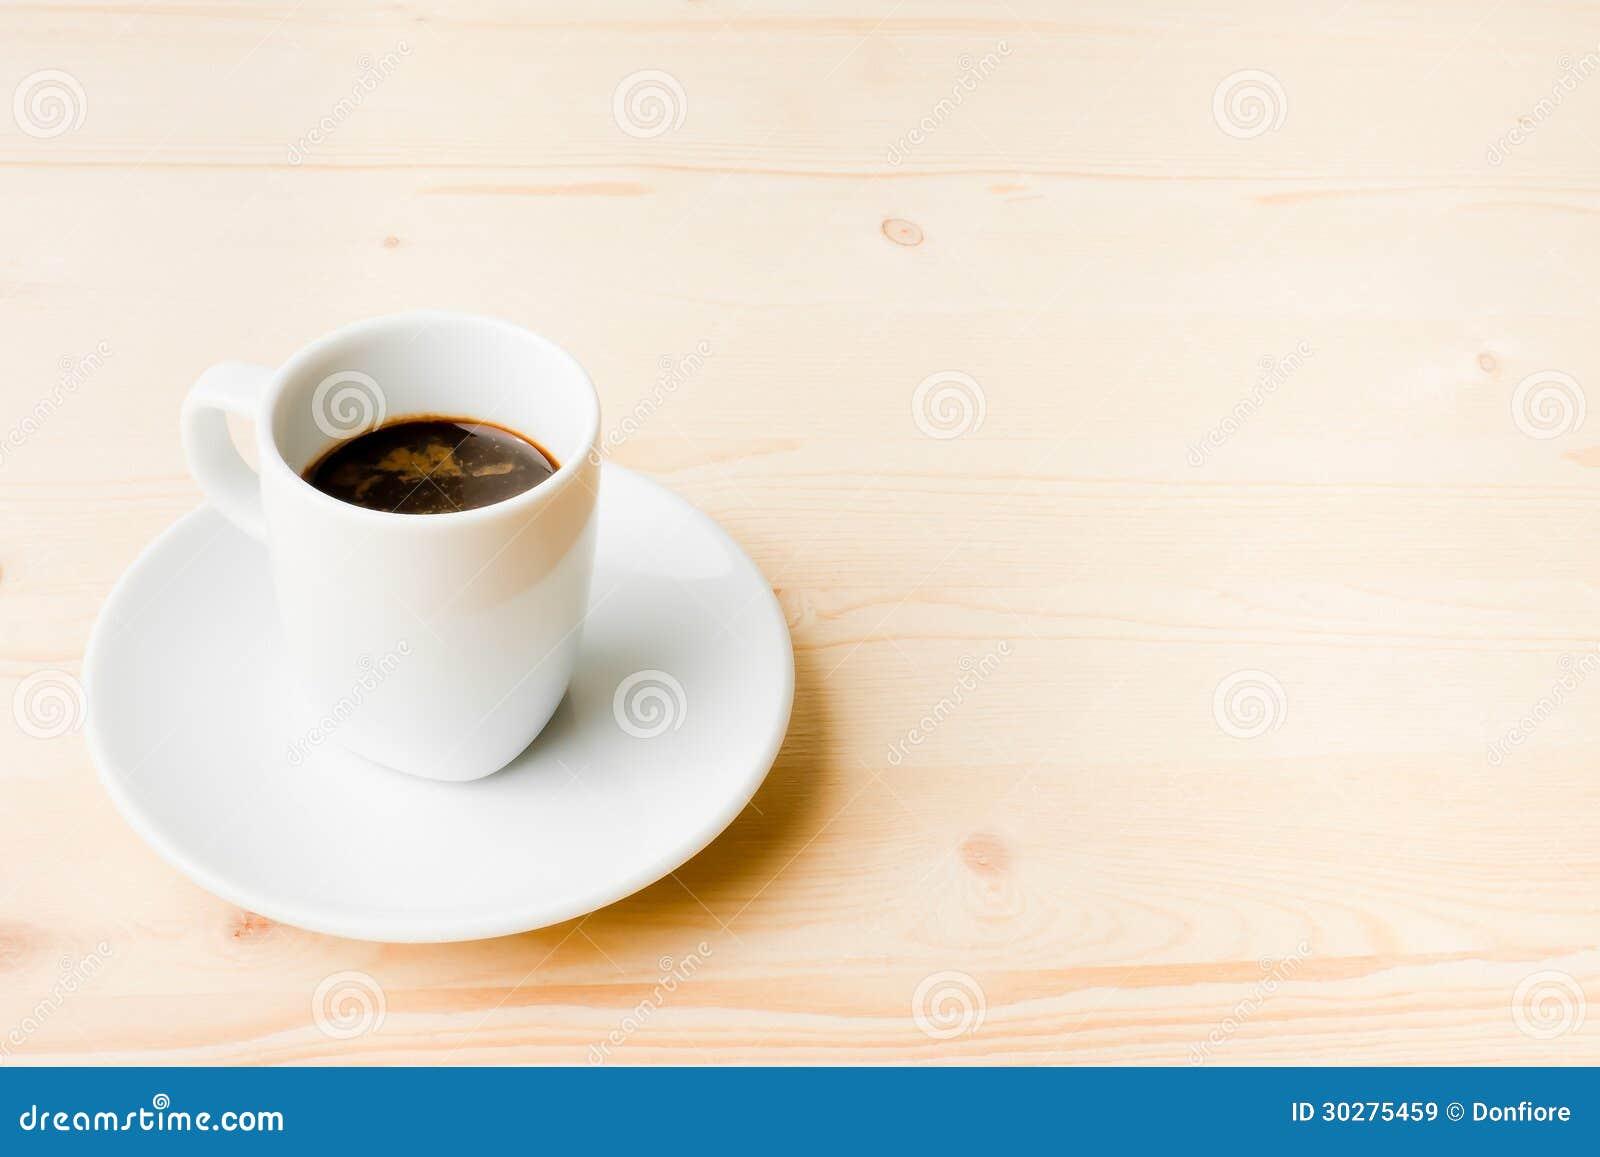 好杯子浓咖啡咖啡